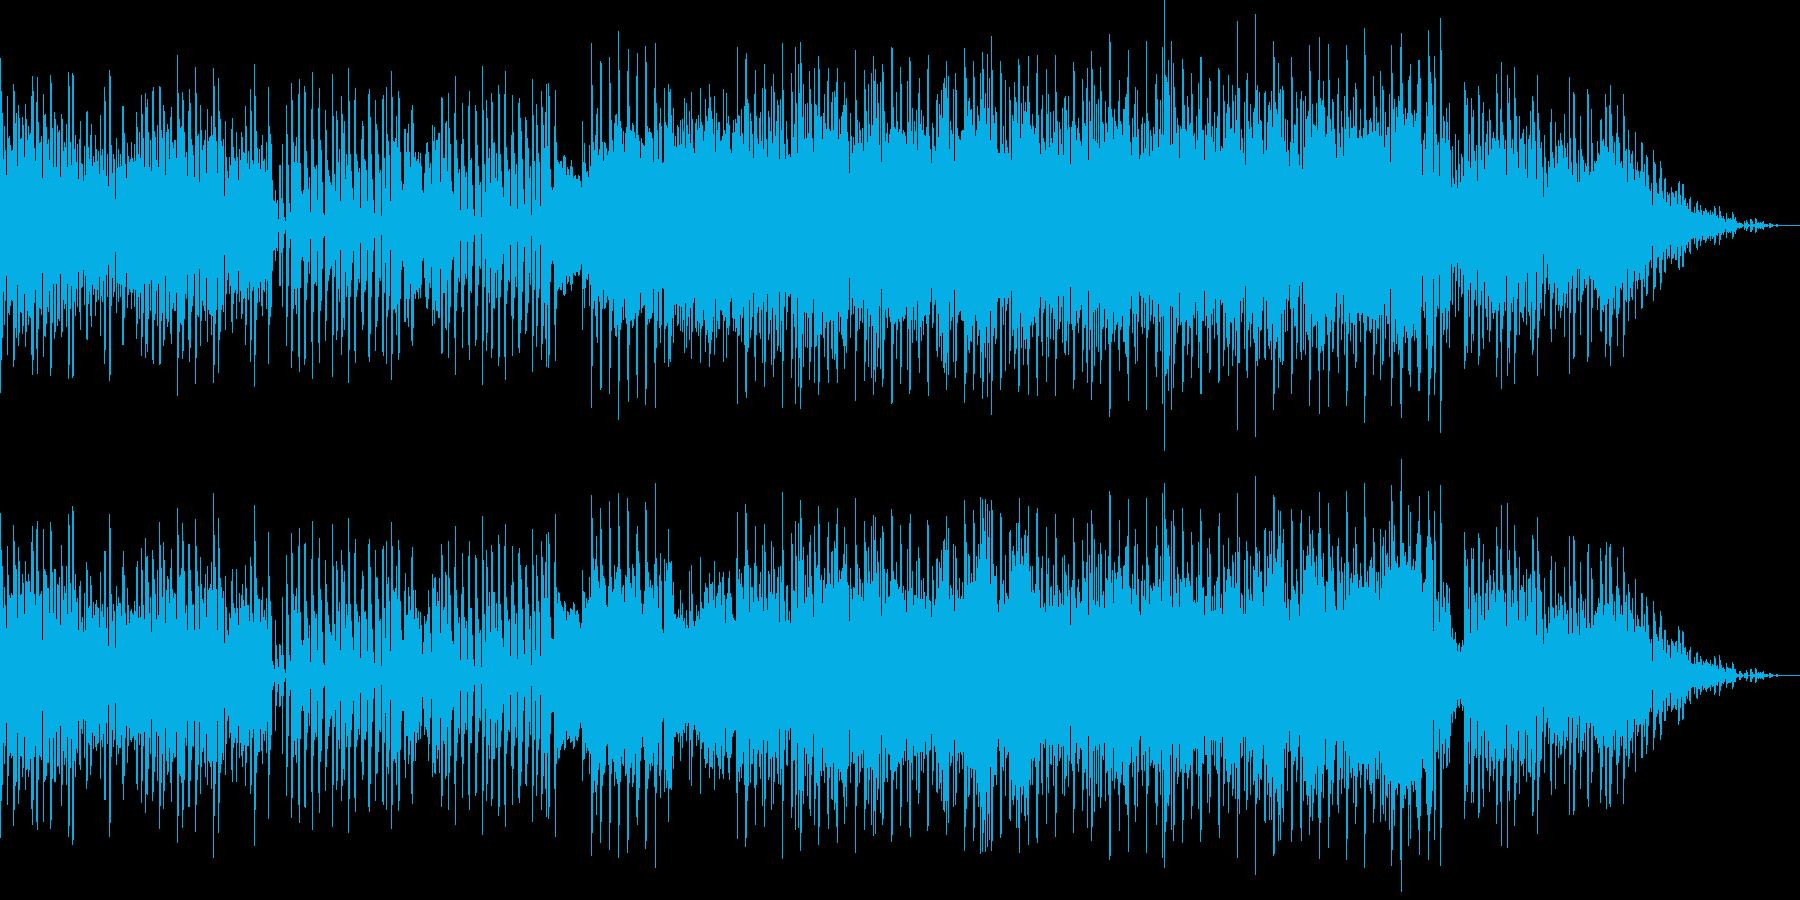 レトロゲーム風BGM(戦闘、格闘)の再生済みの波形